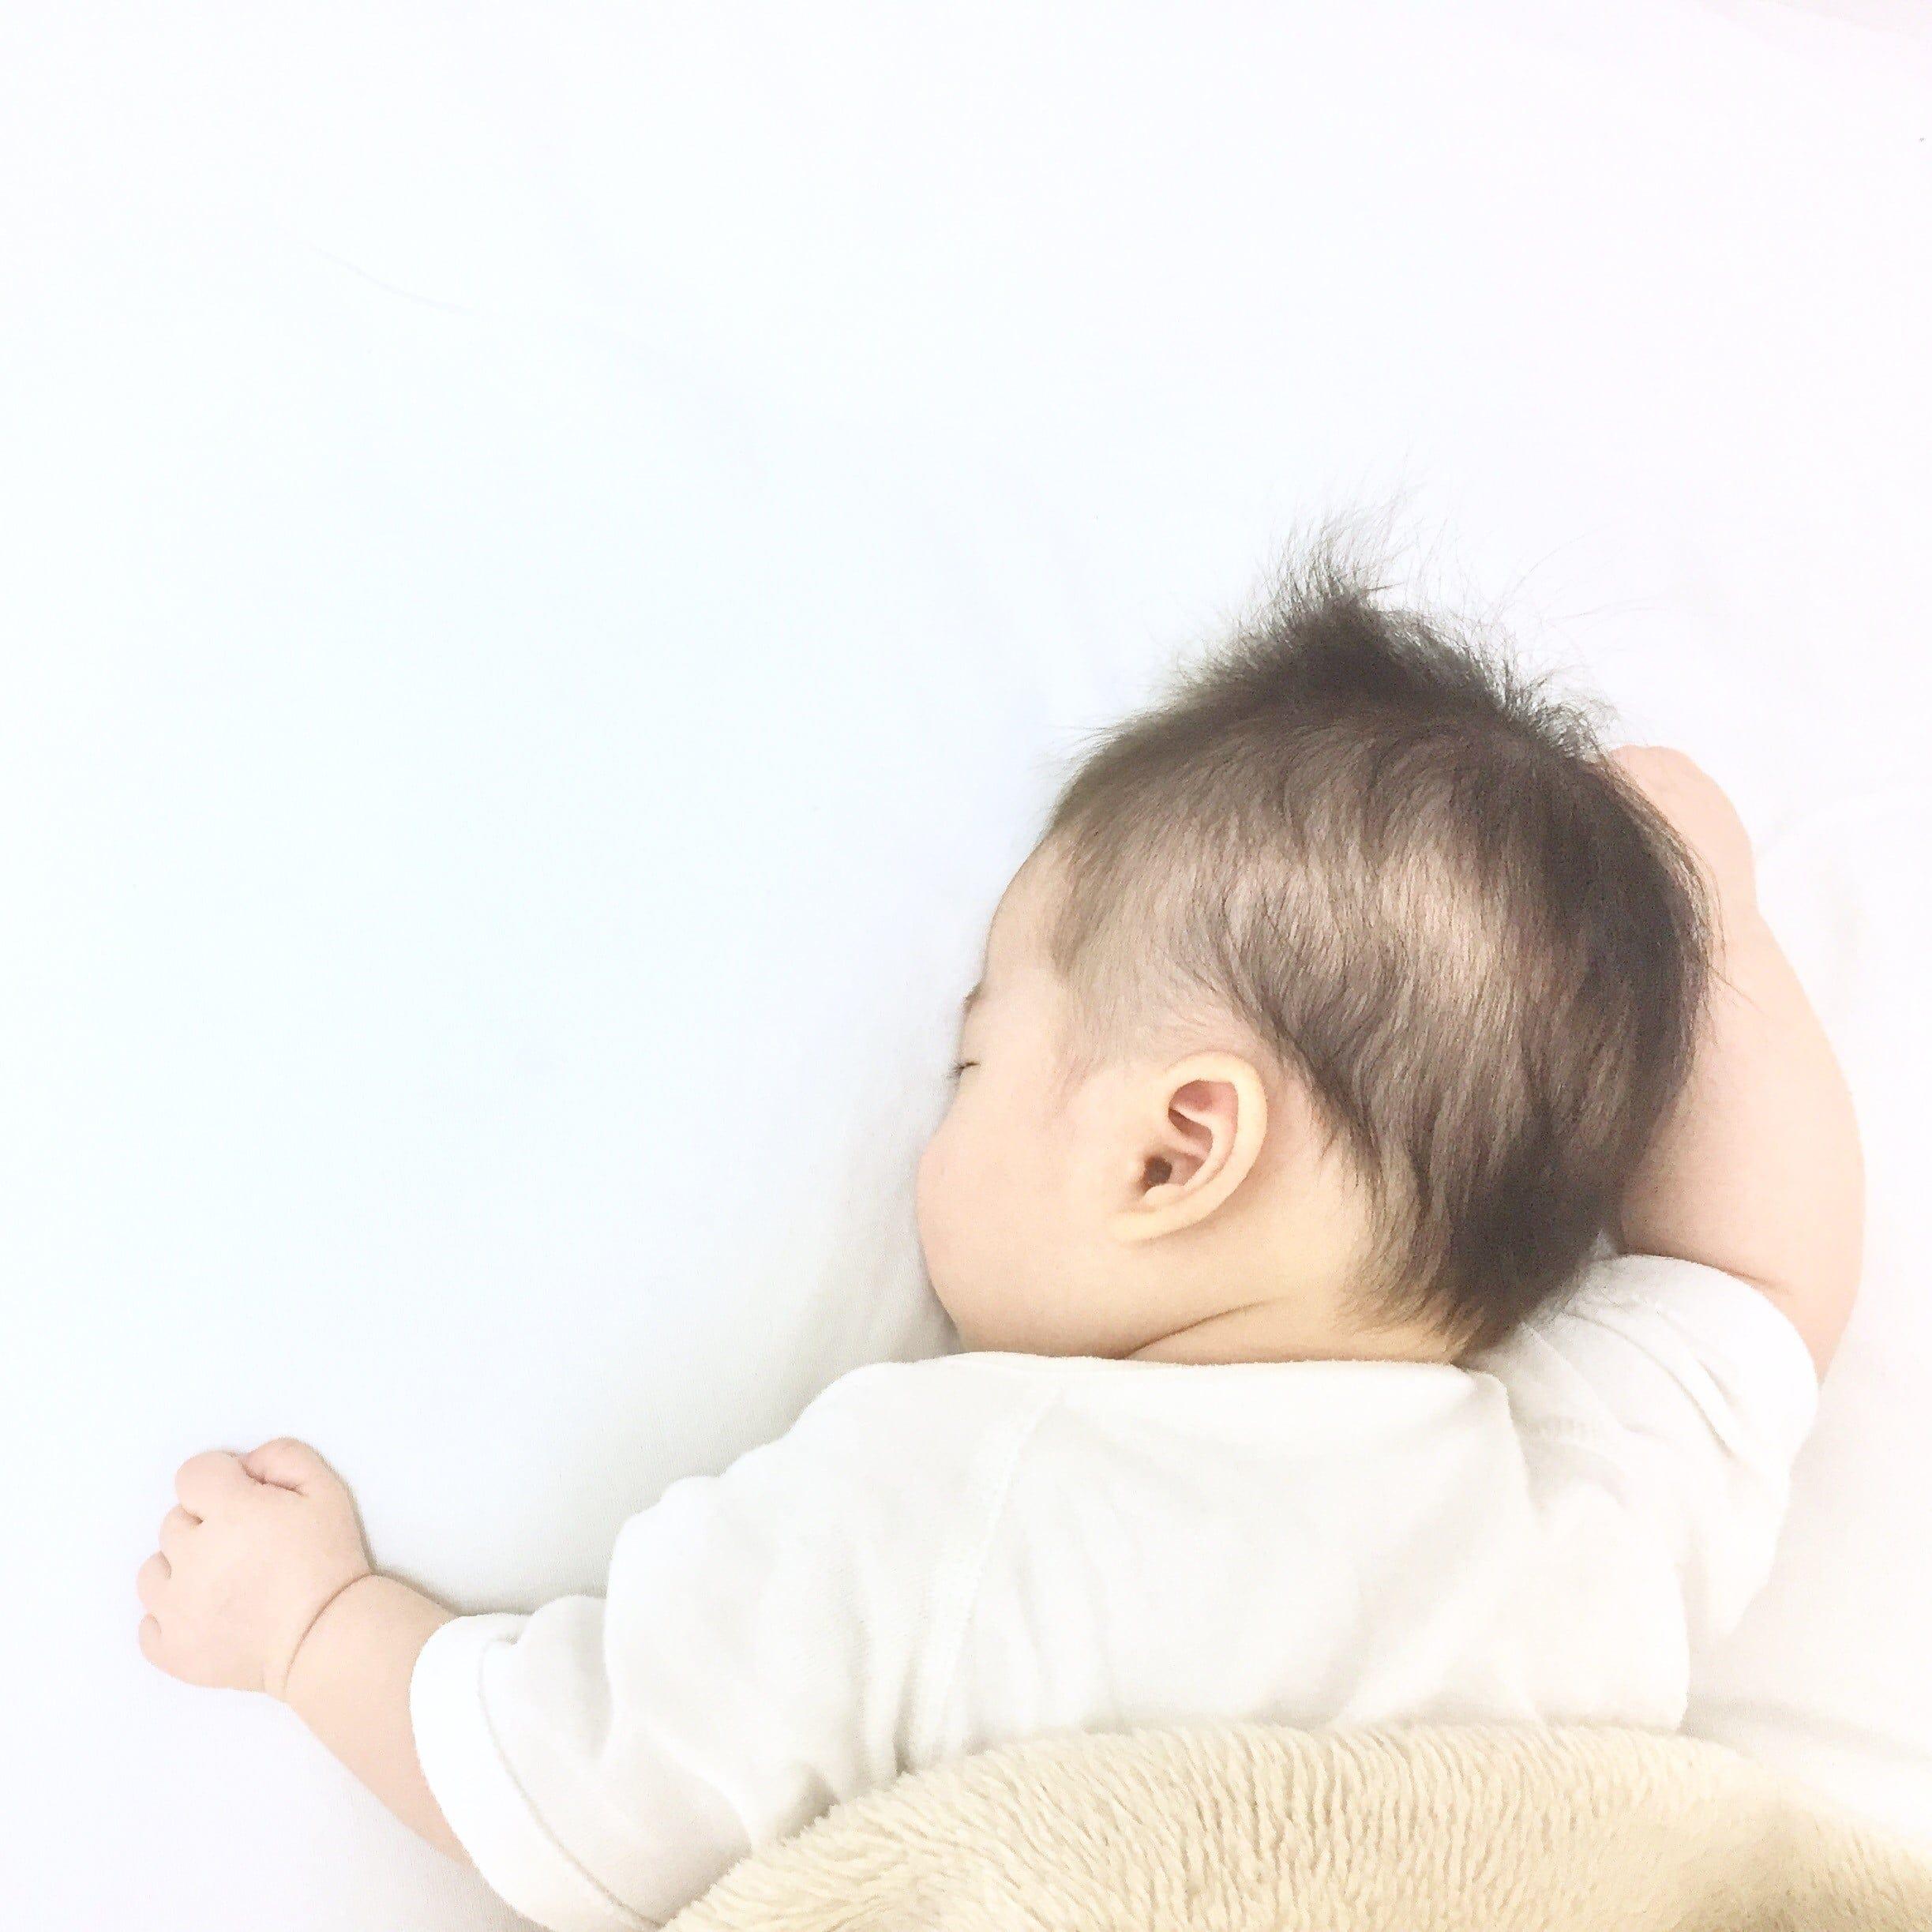 再診|乳房マッサージ・育児相談のイメージその2